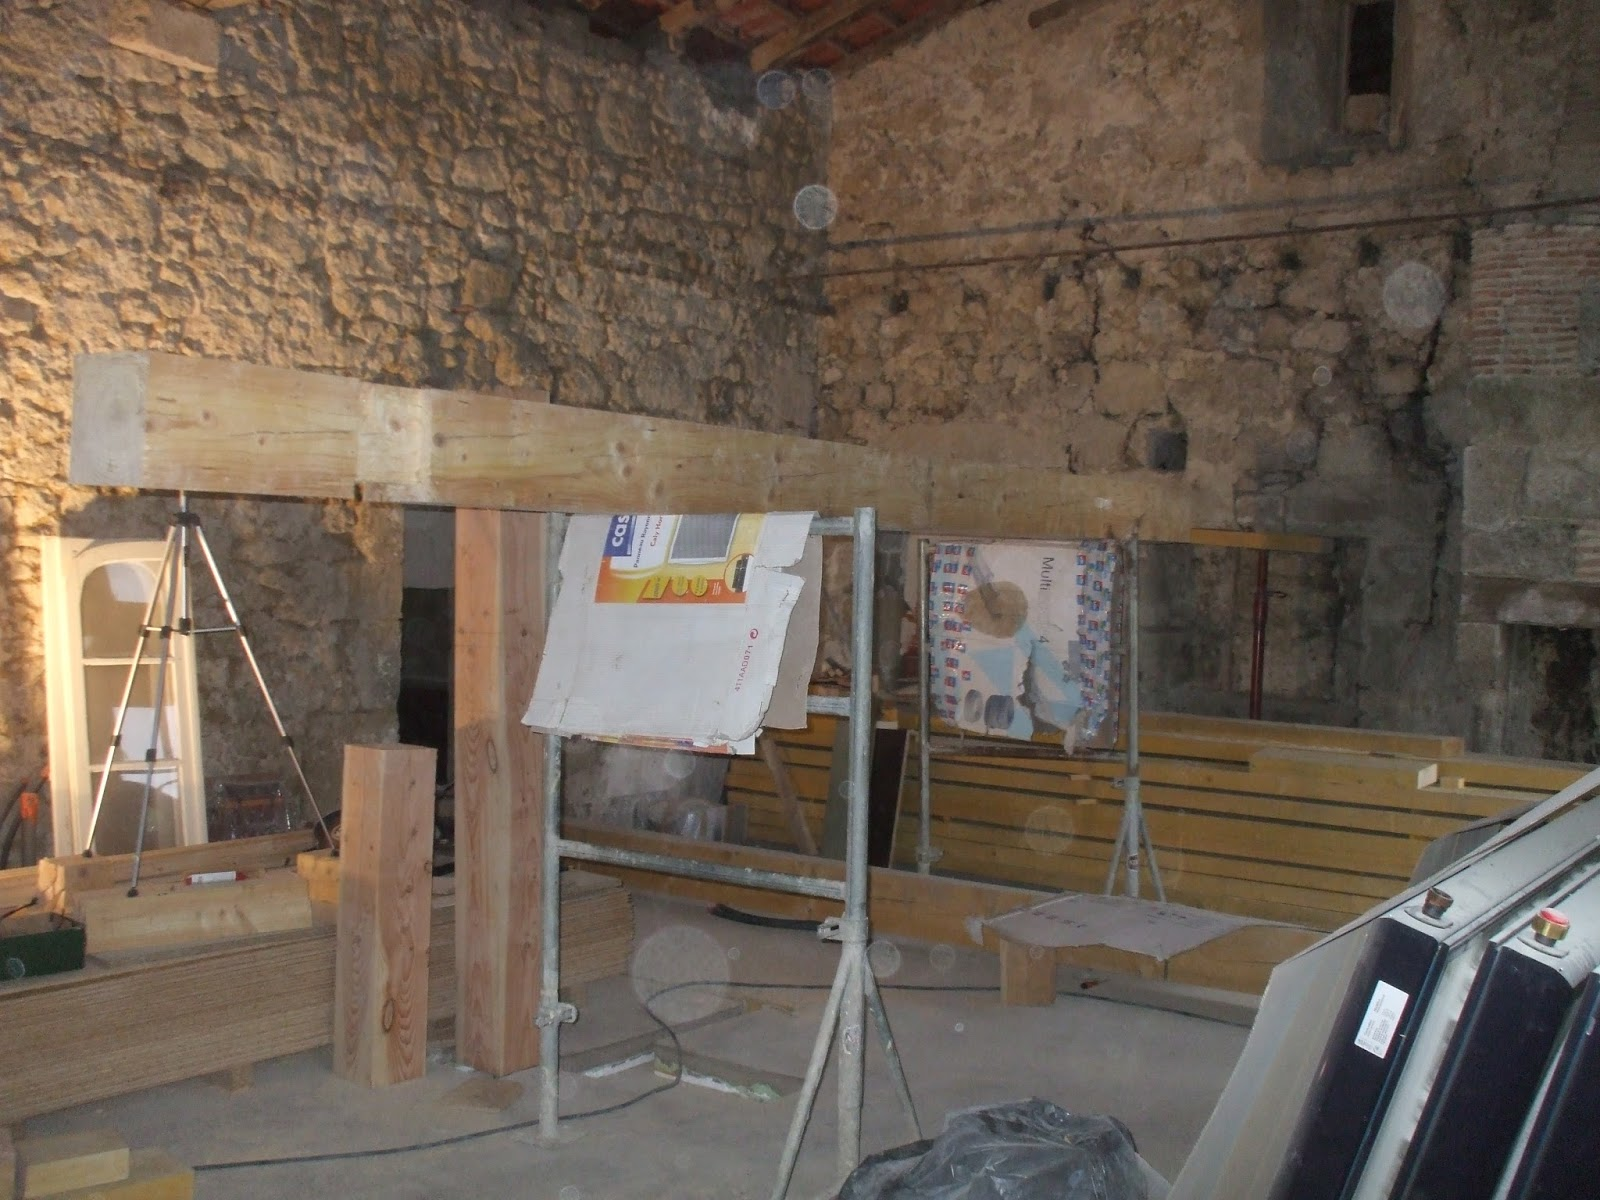 Les terrasses de bessou chantier maintenant 22 25 ao t 2013 le retour de la mezzanine for Plancher mezzanine